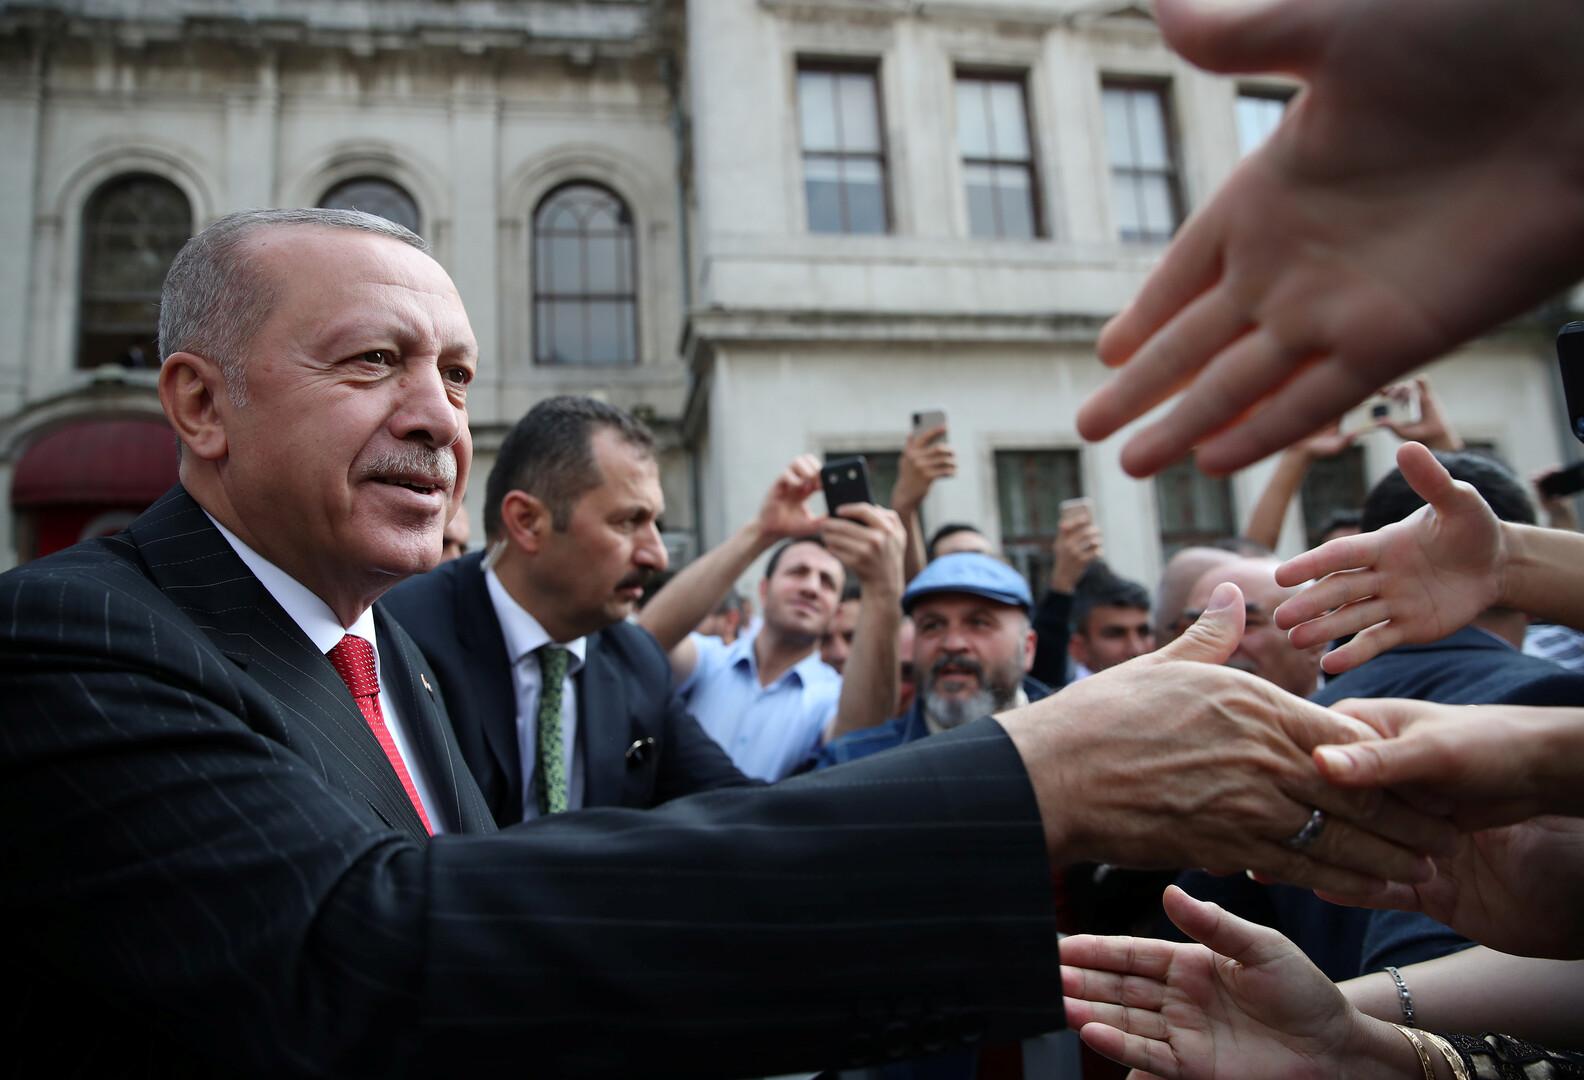 أردوغان: سأتخذ الخطوات اللازمة بشأن سوريا بعد اجتماعي مع بوتين